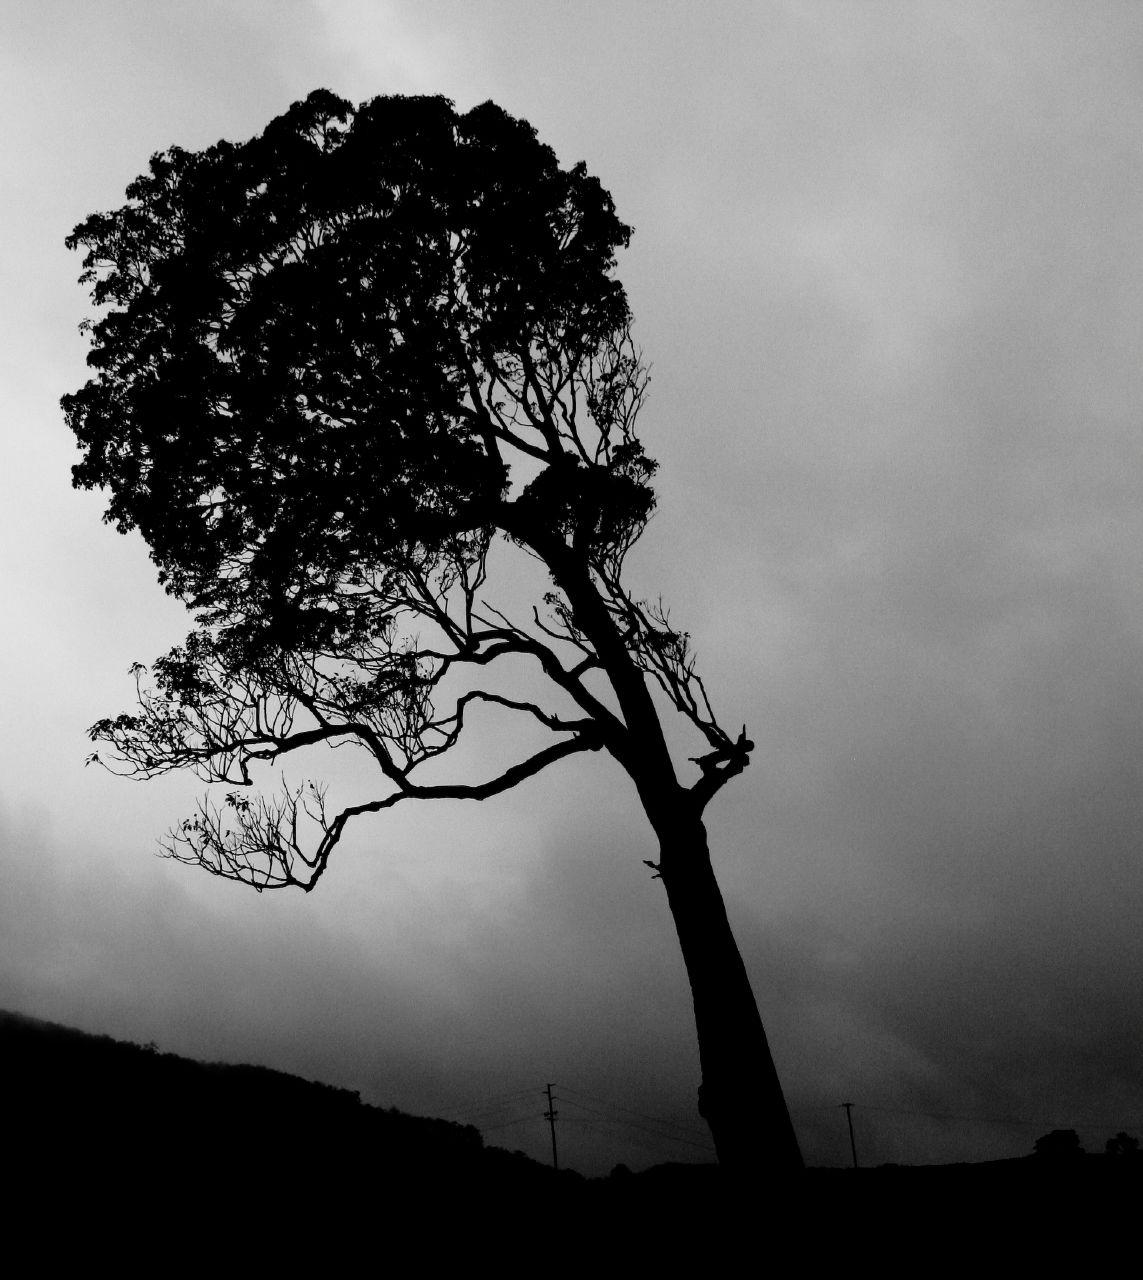 Fotografia de árvore